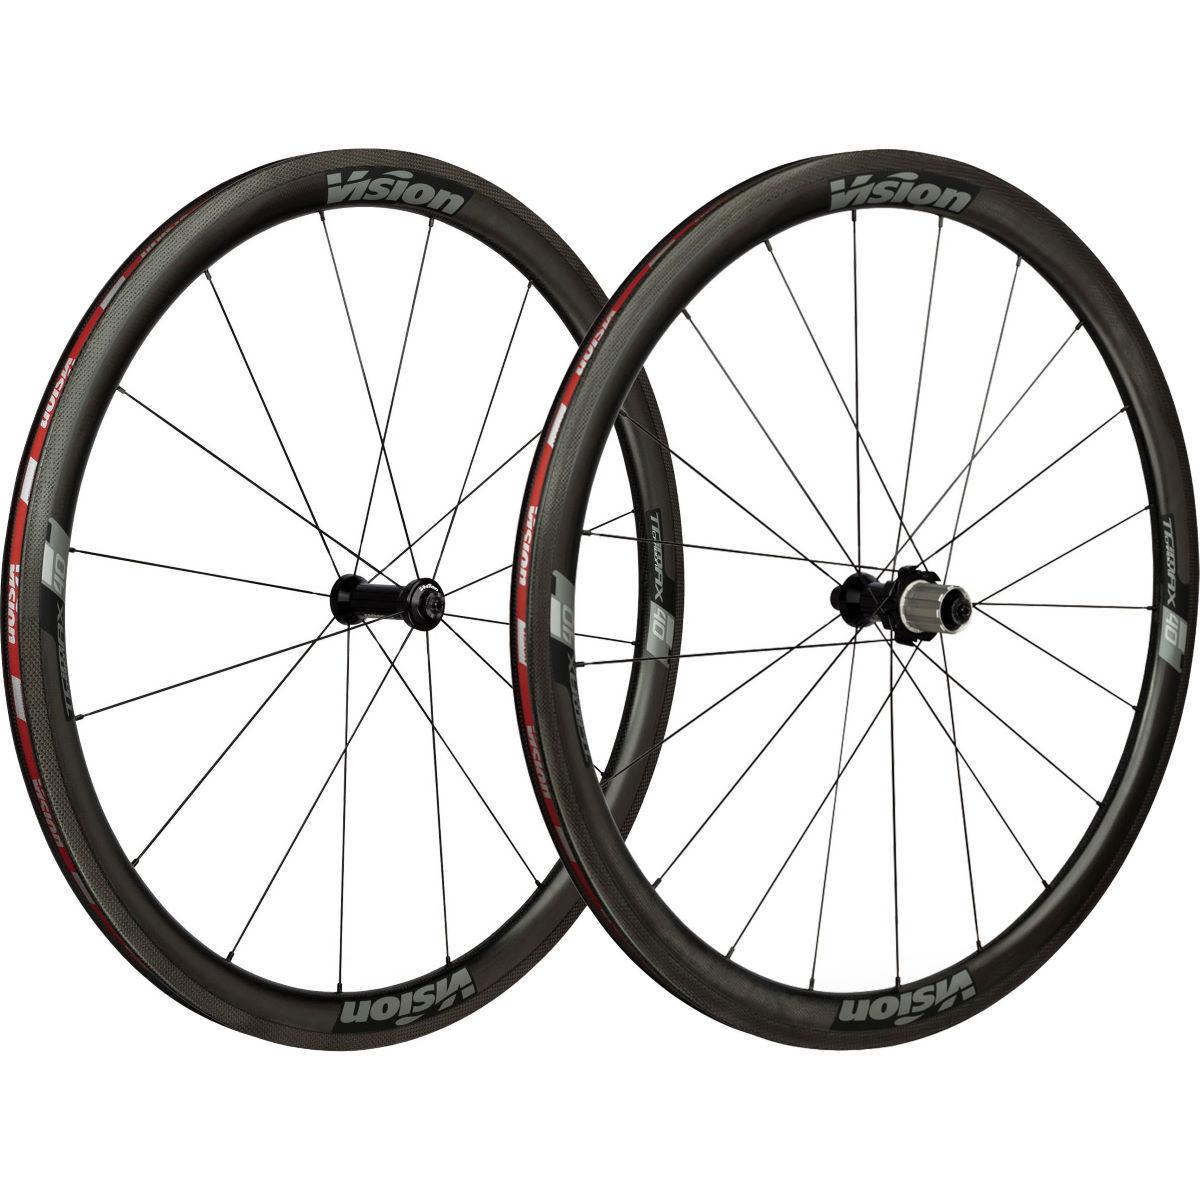 Vision, TriMax Carbon 40, Tubular (Schlauchreifen), Laufradsatz, 1390g